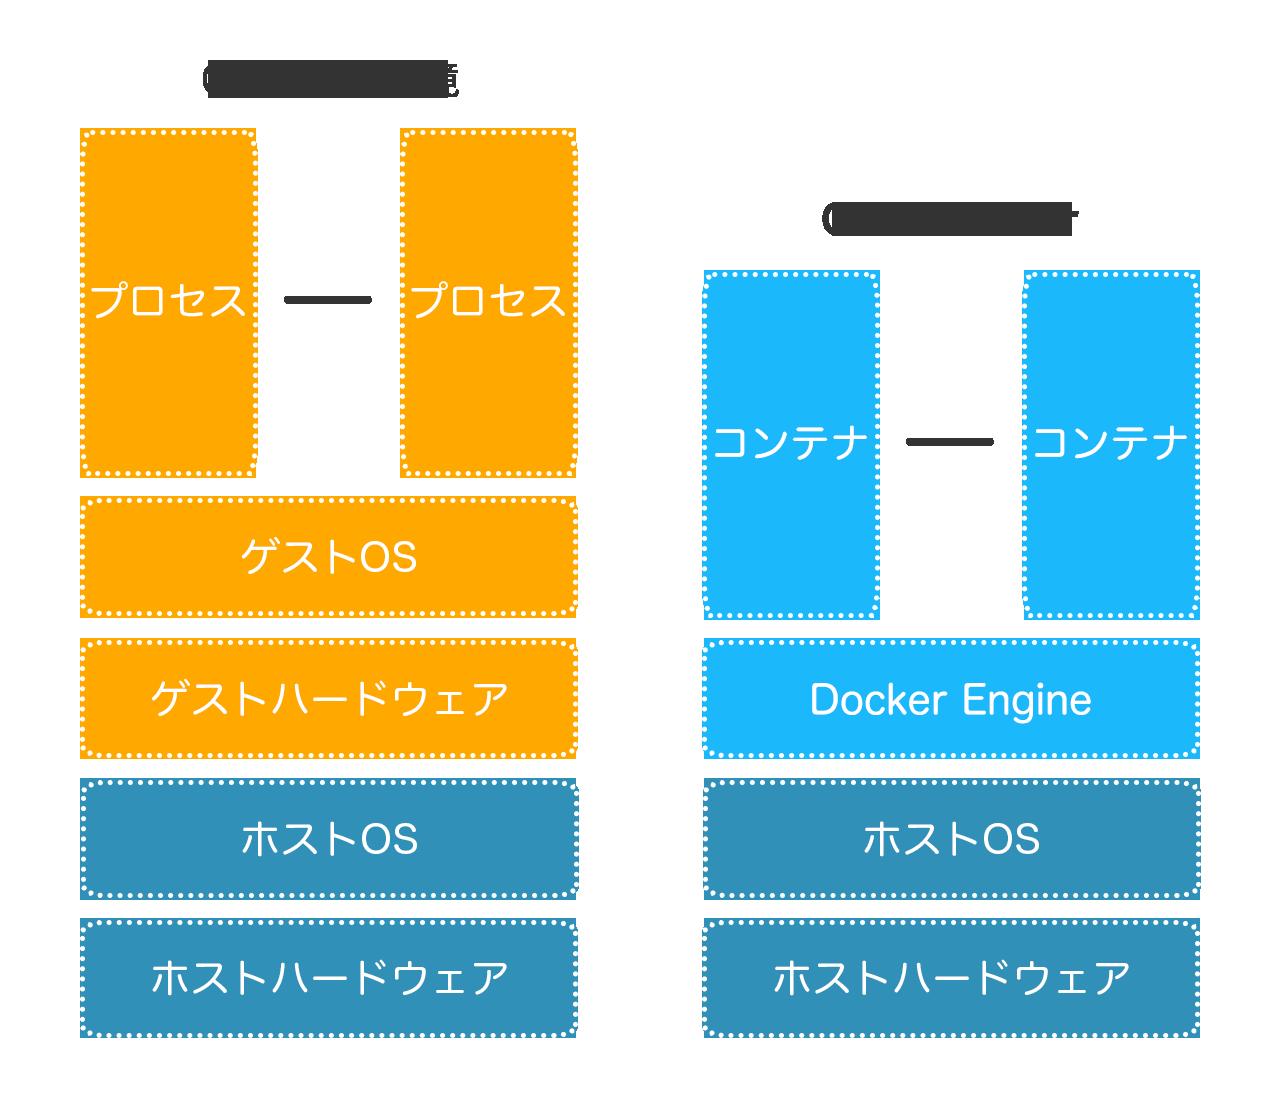 図:仮想化とDockerの比較